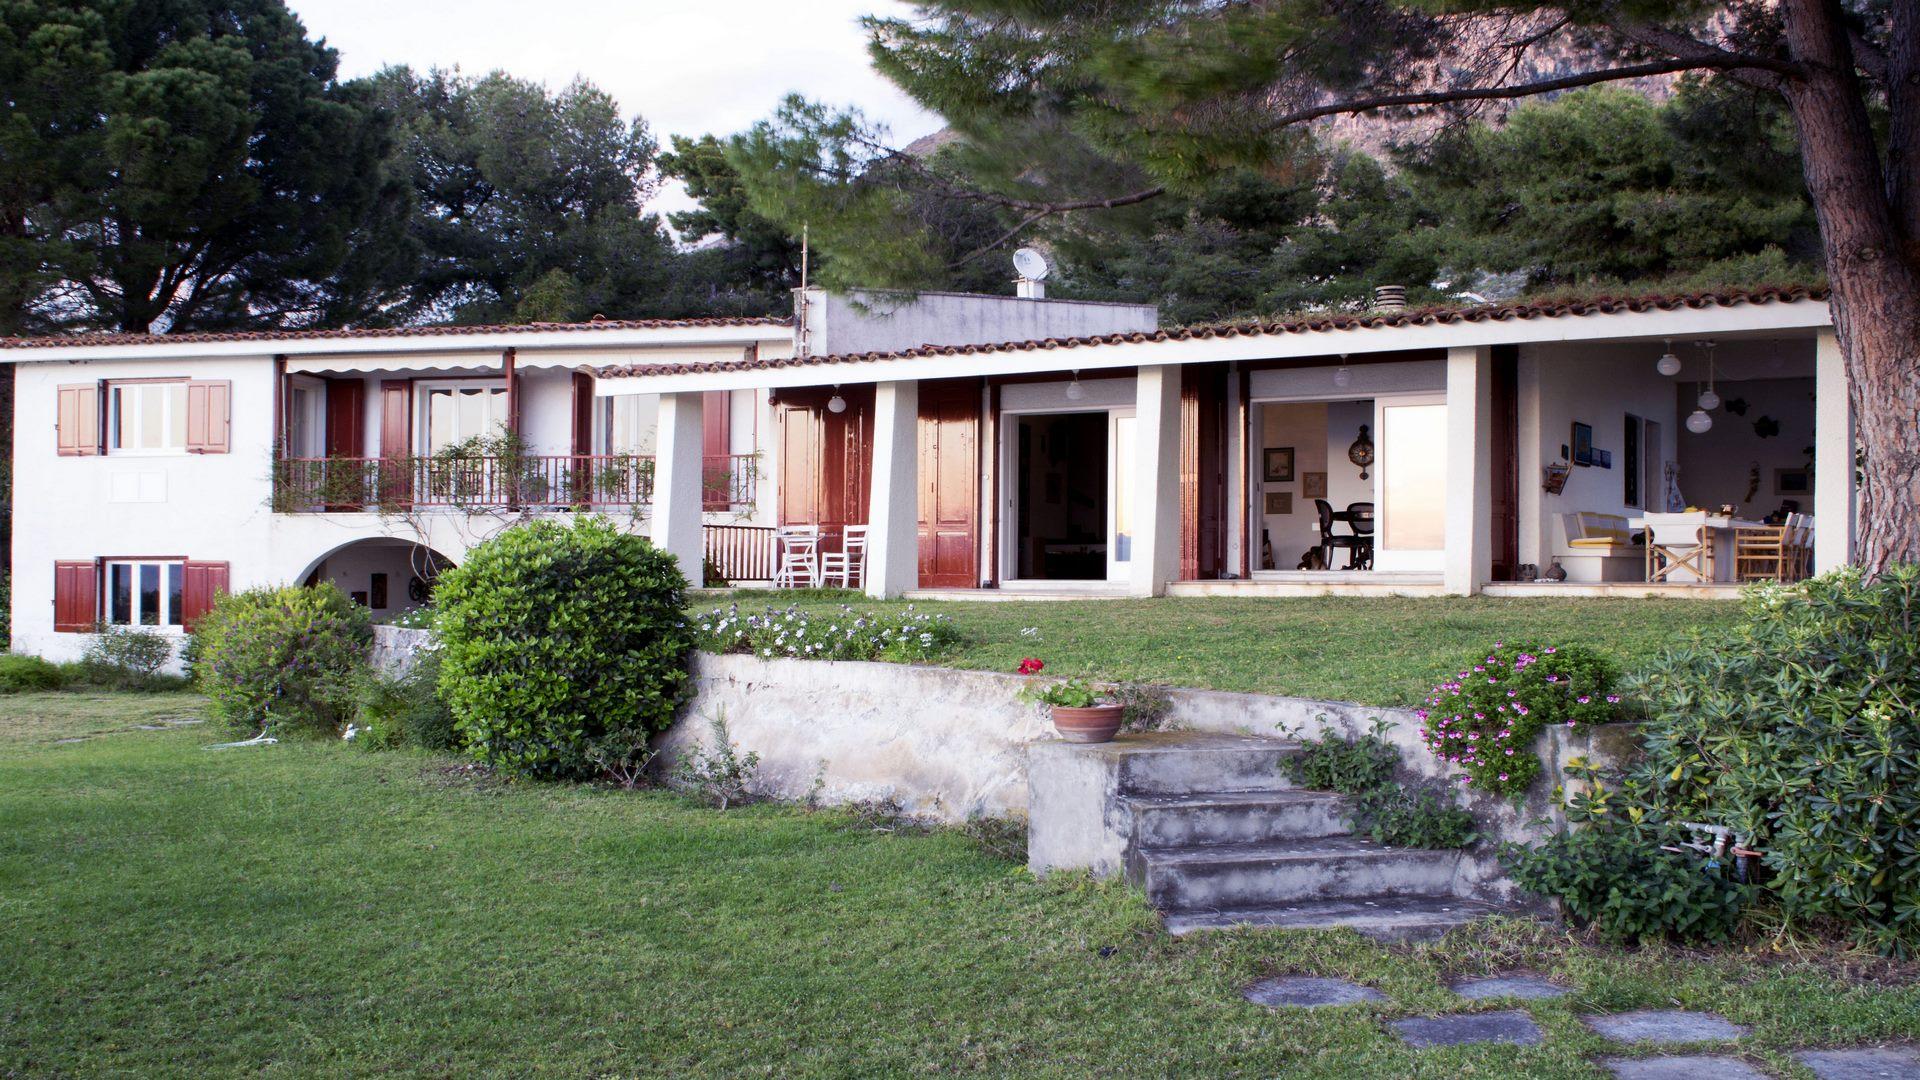 villa-verga-1-4488x3072 (1) (Копия)